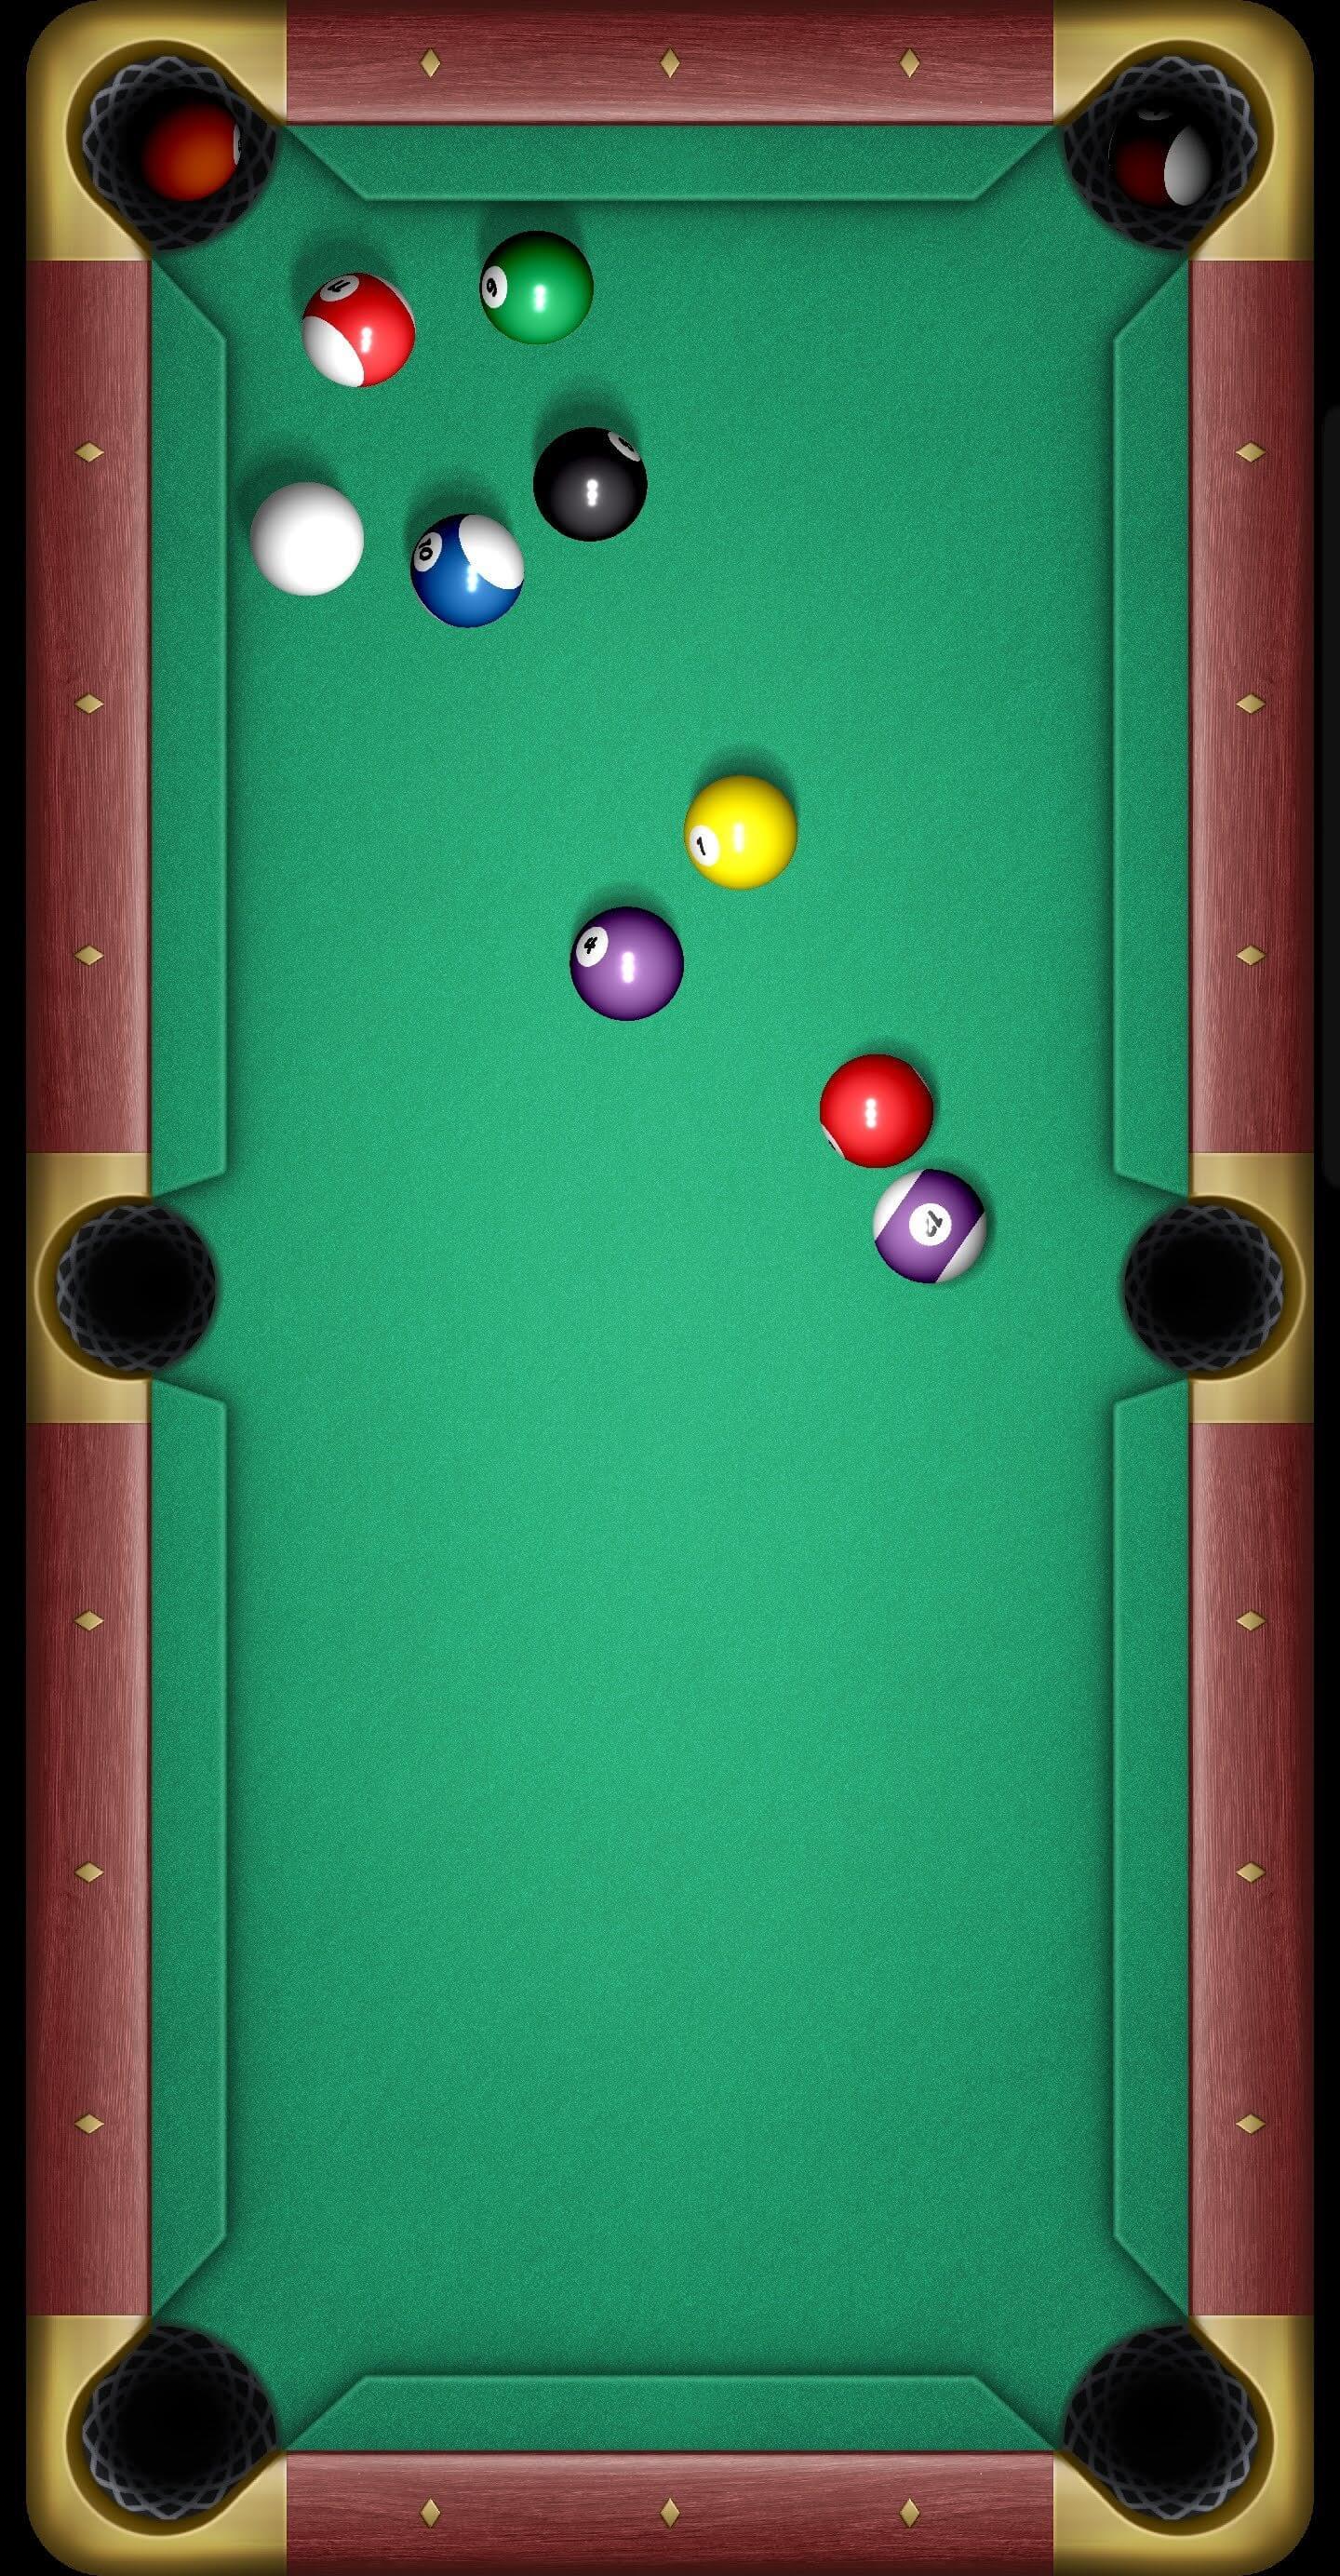 Casual Pool: Touching Billiard